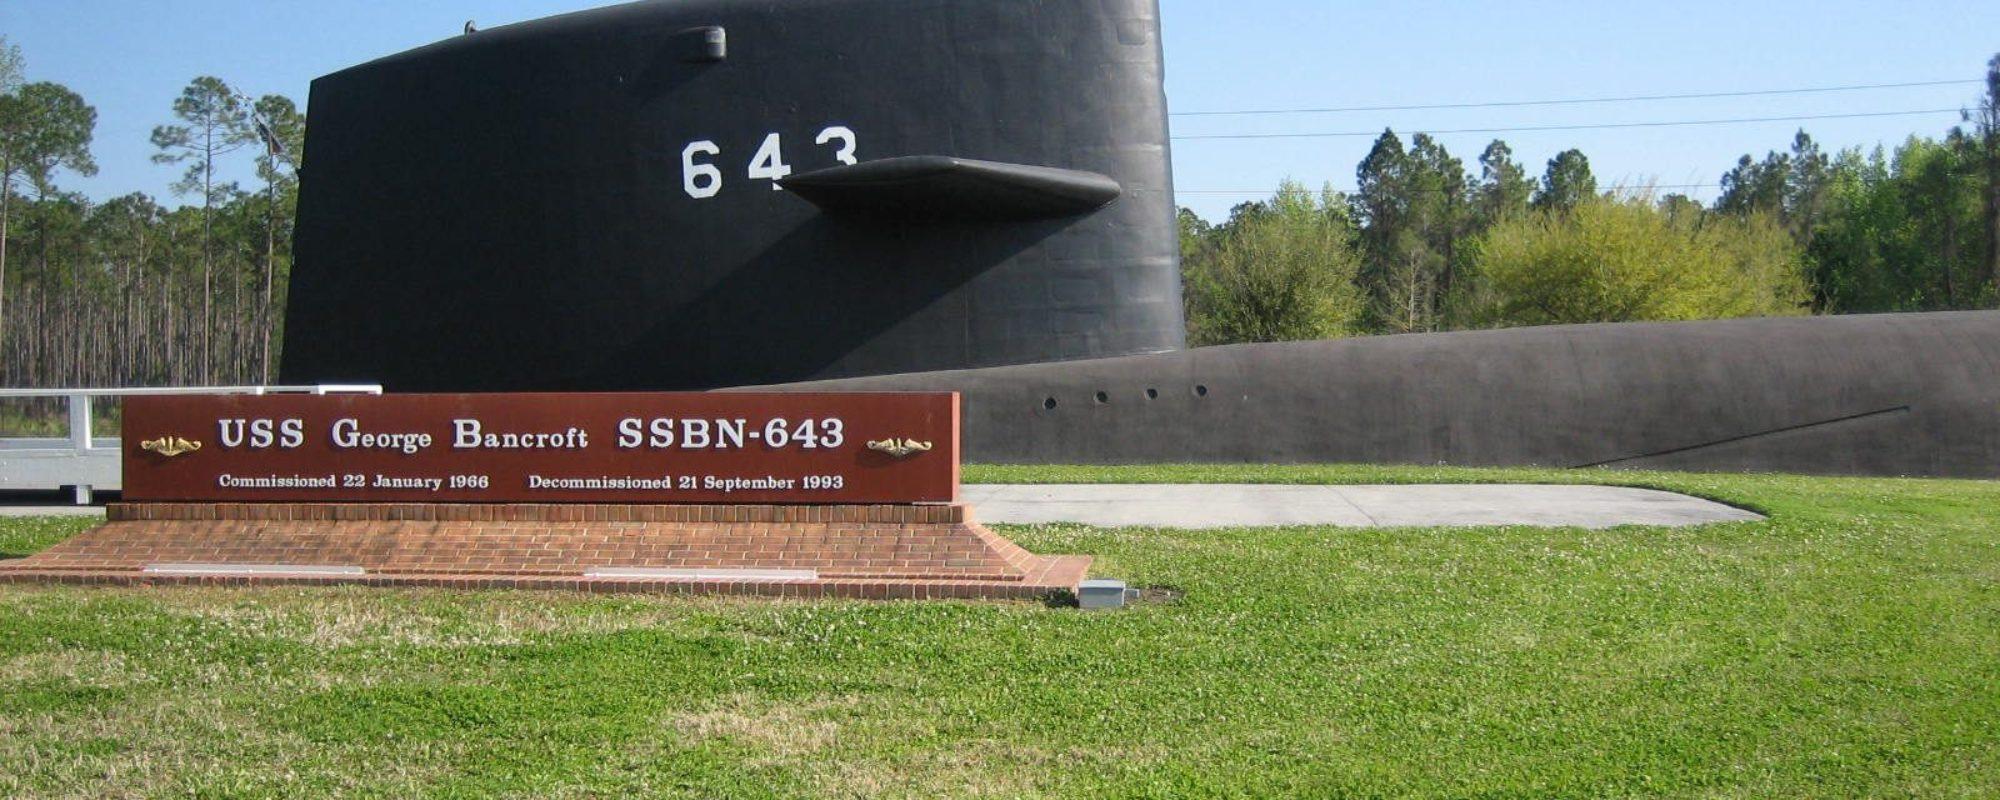 1st: Submarine